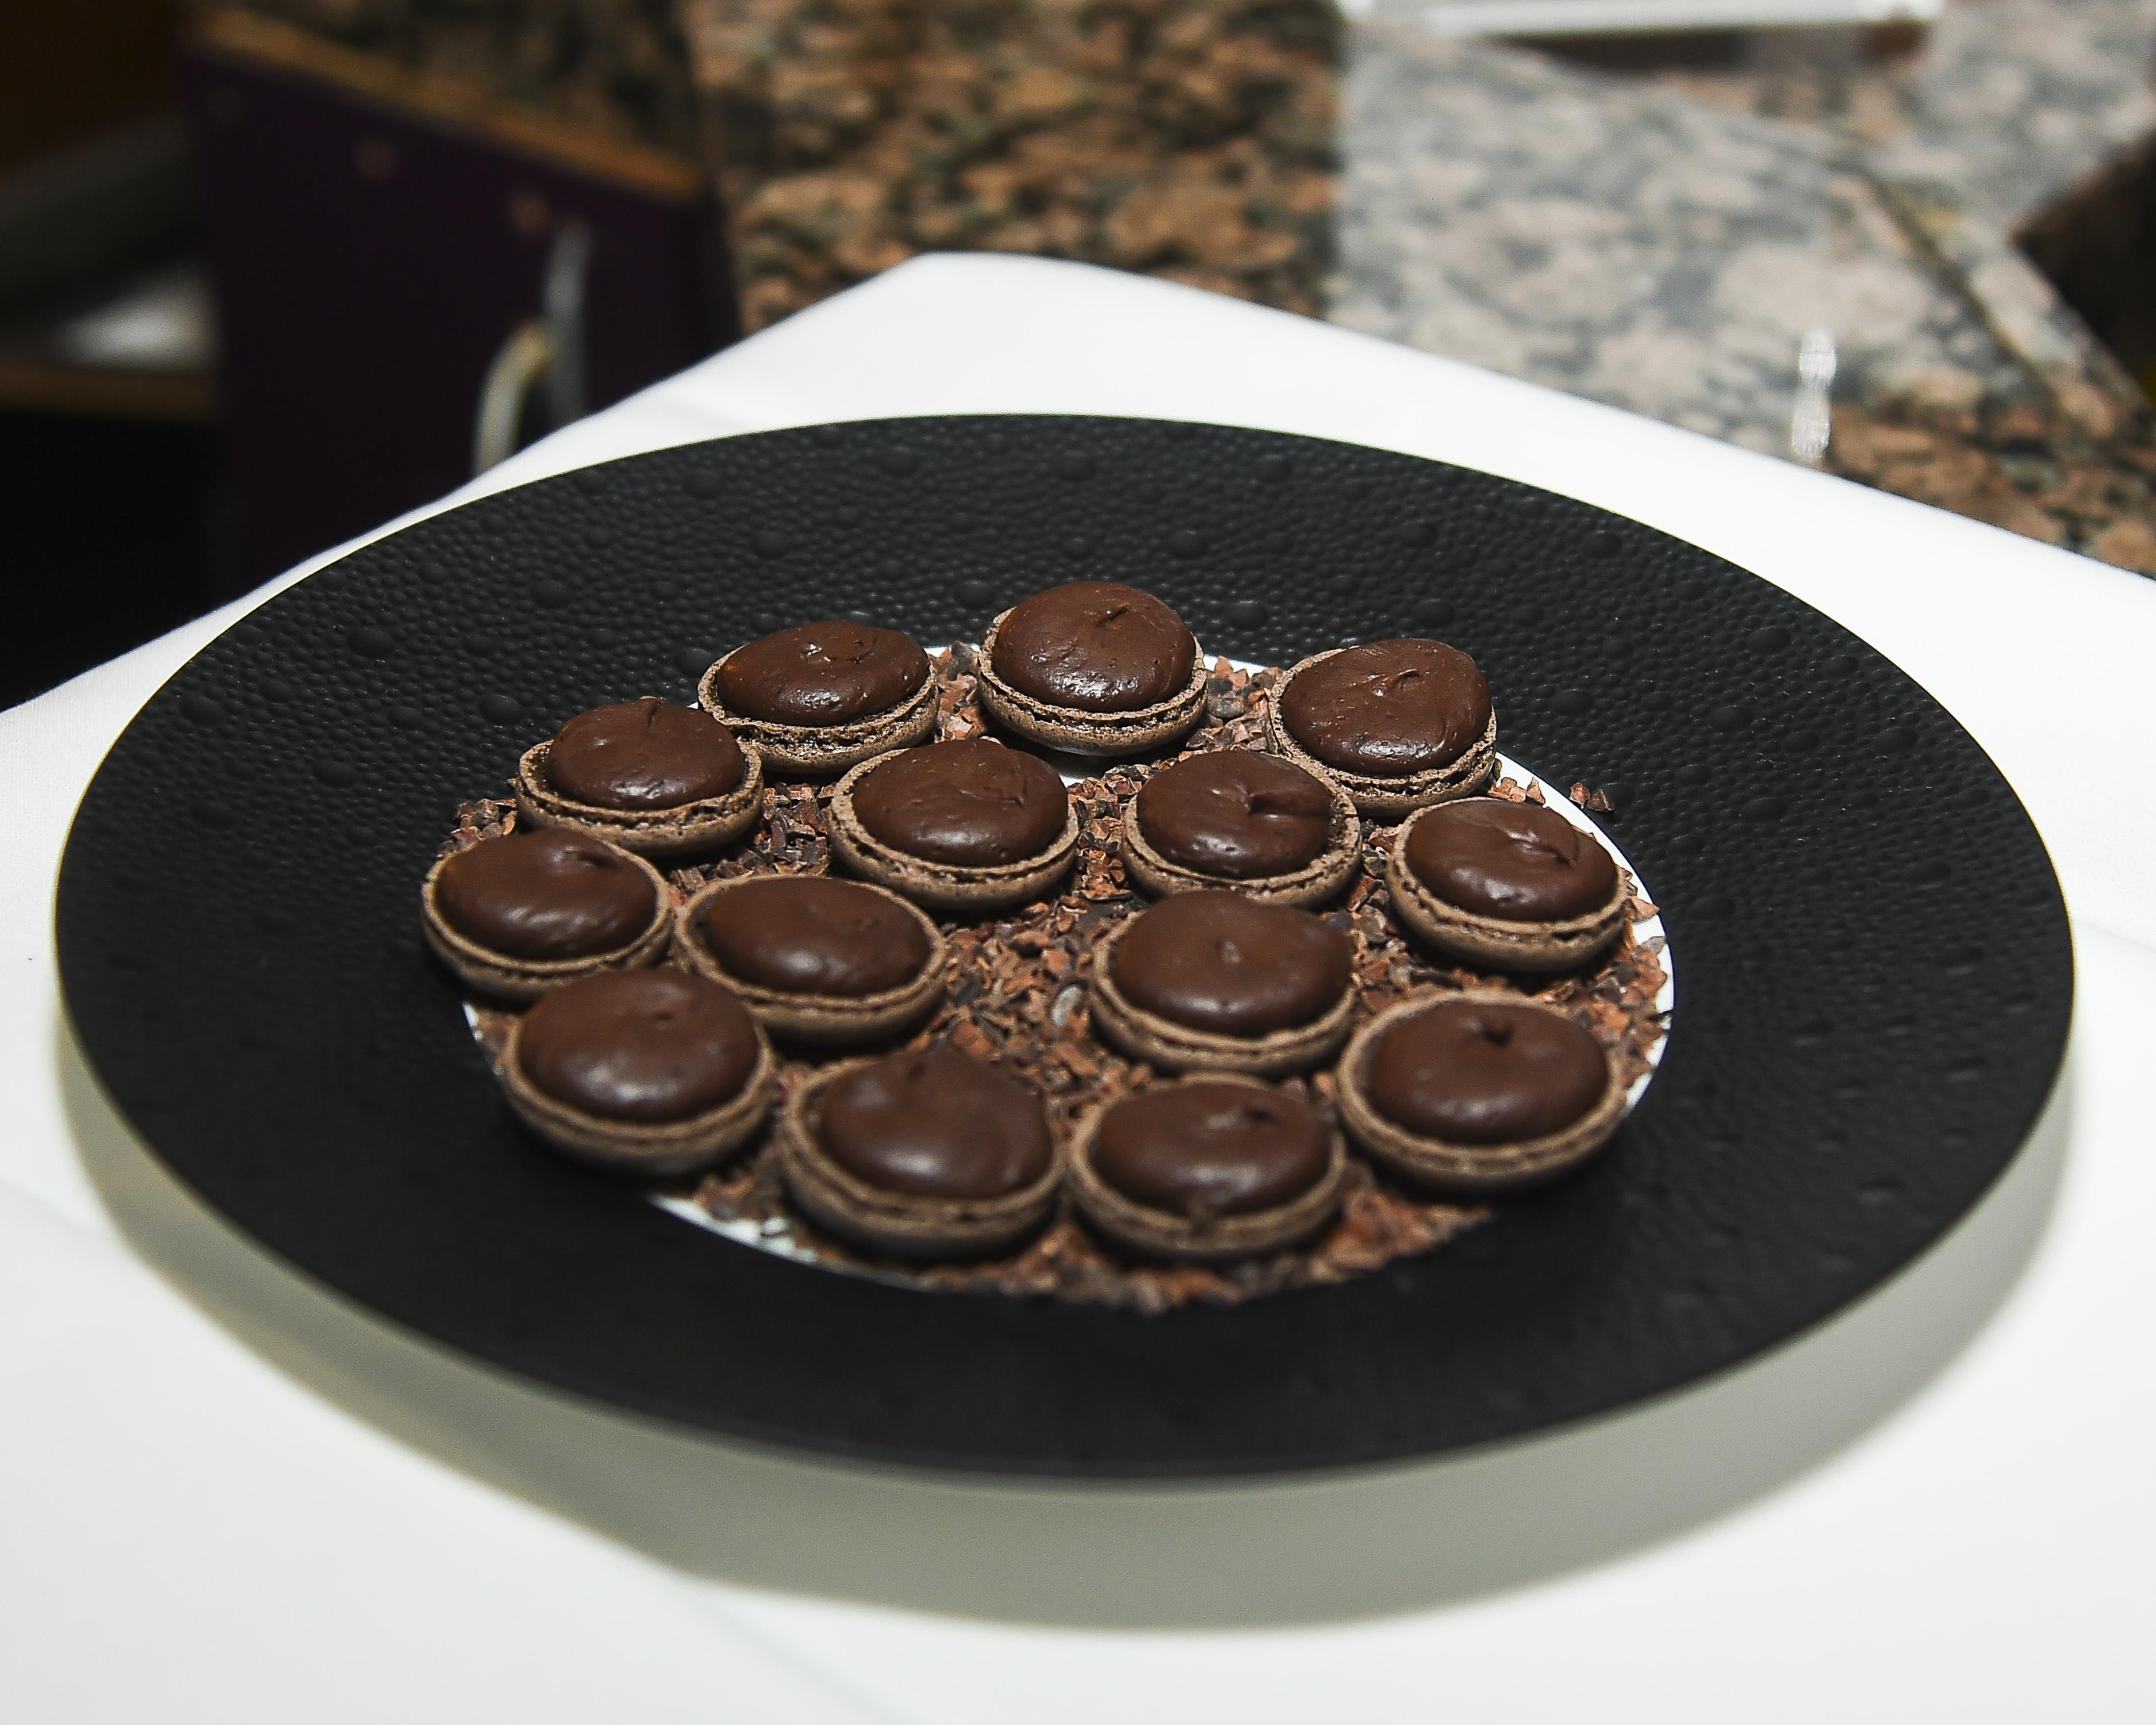 Картинки по запросу Если хочется шоколада